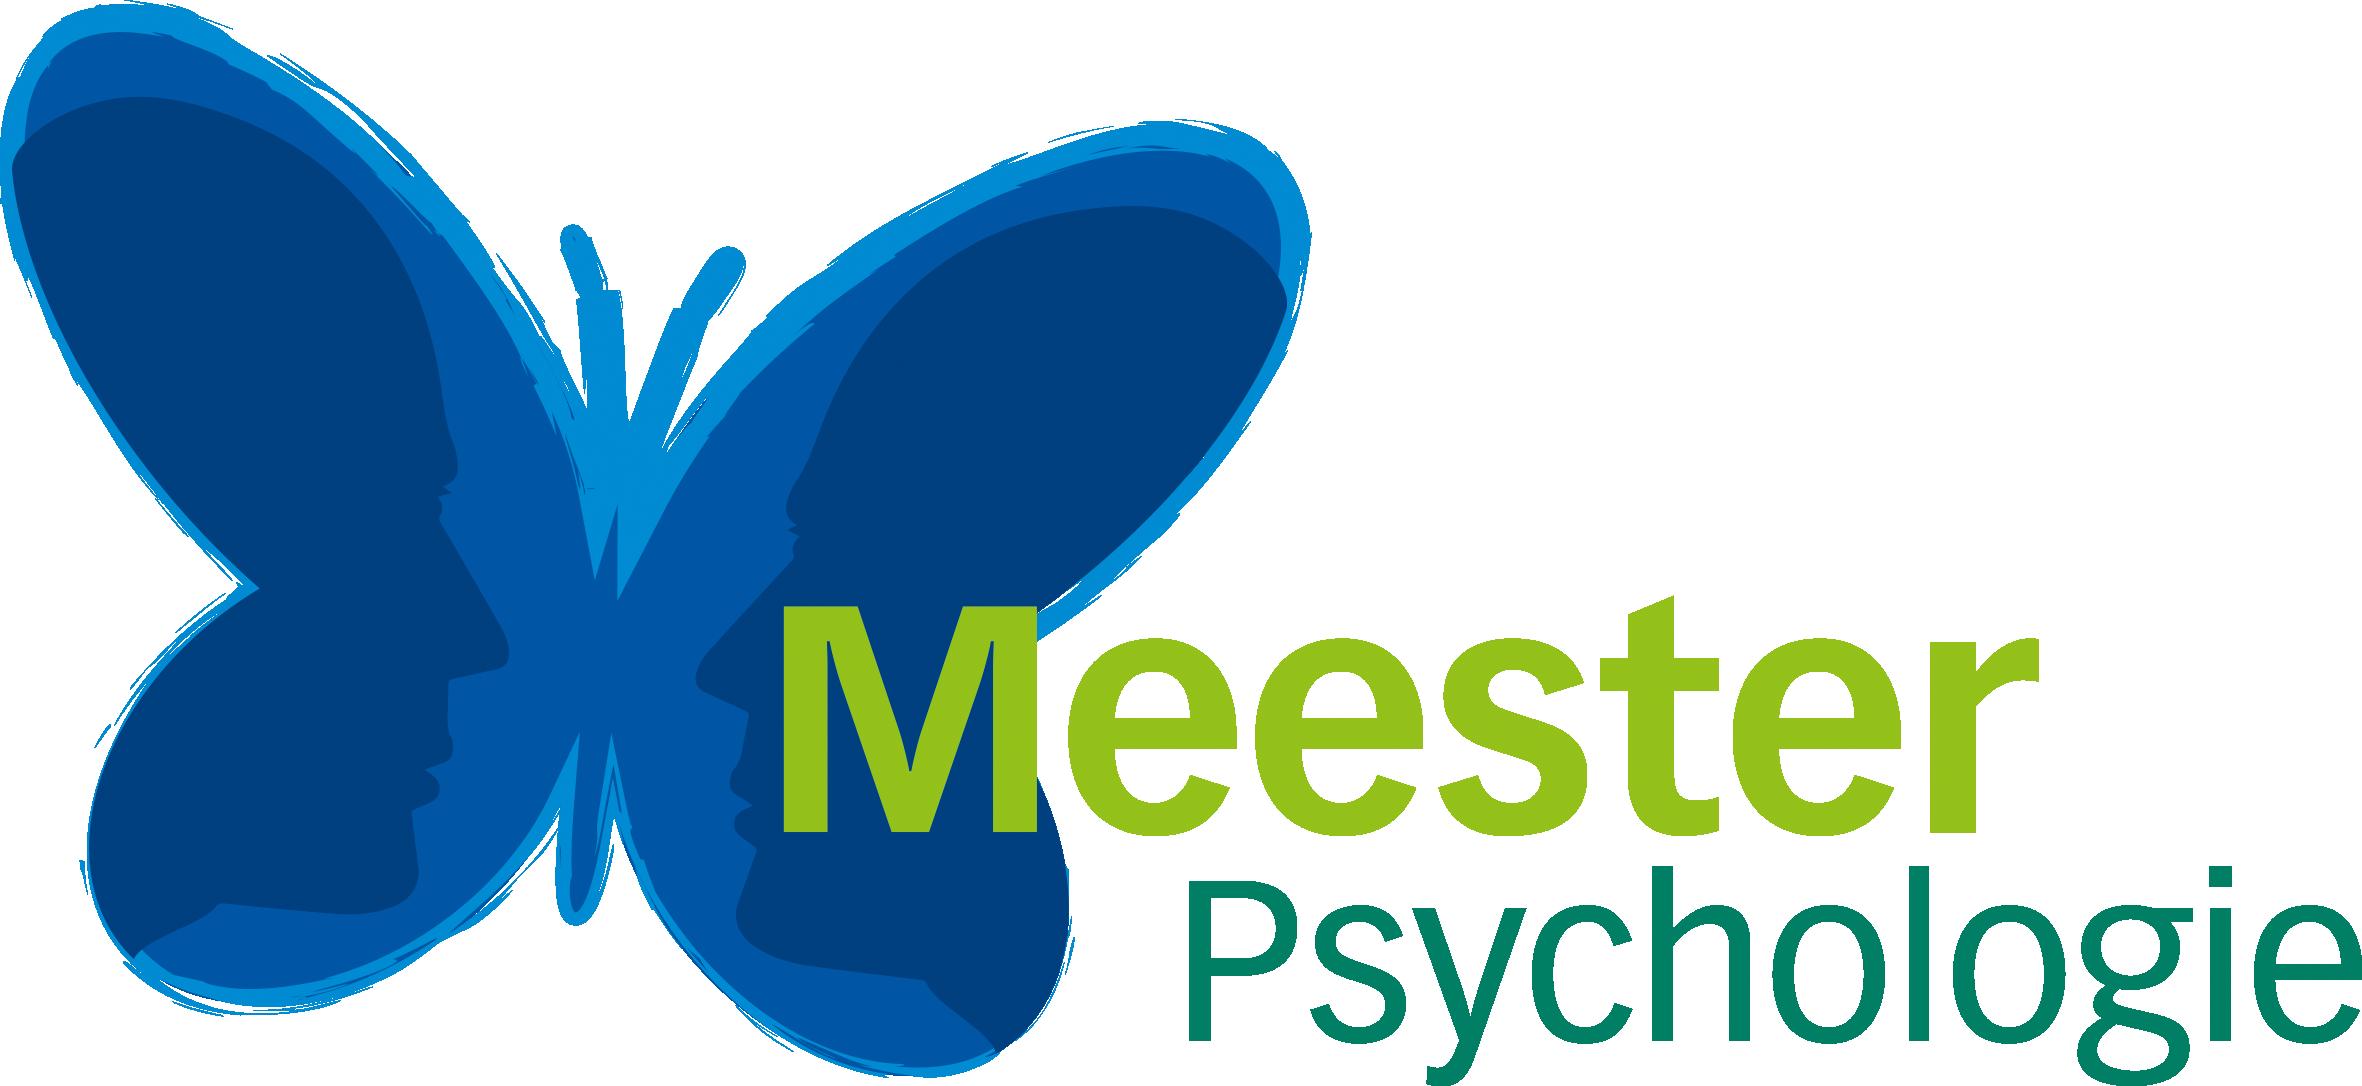 Meester Psychologie